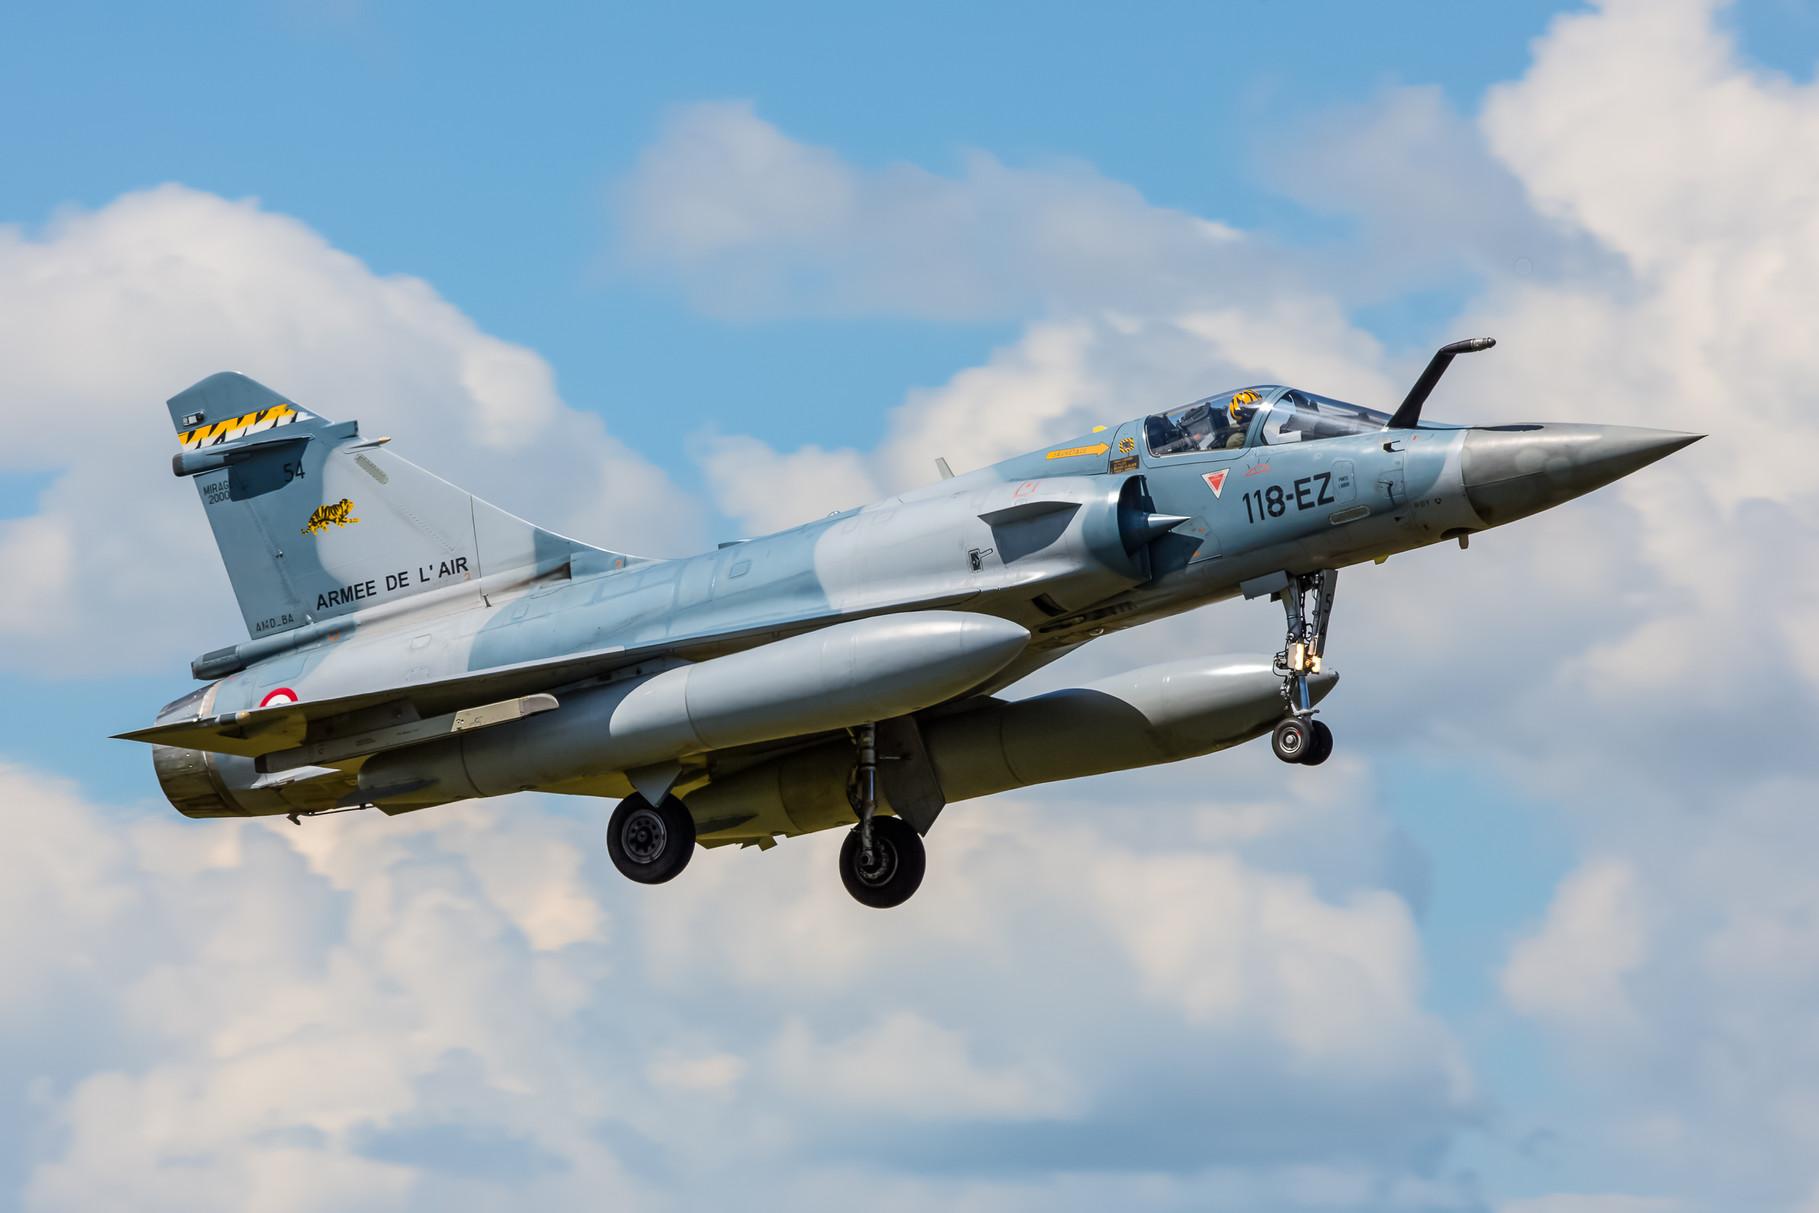 Mirage 2000-5 der der ECE05.330 aus Mont de Marsan